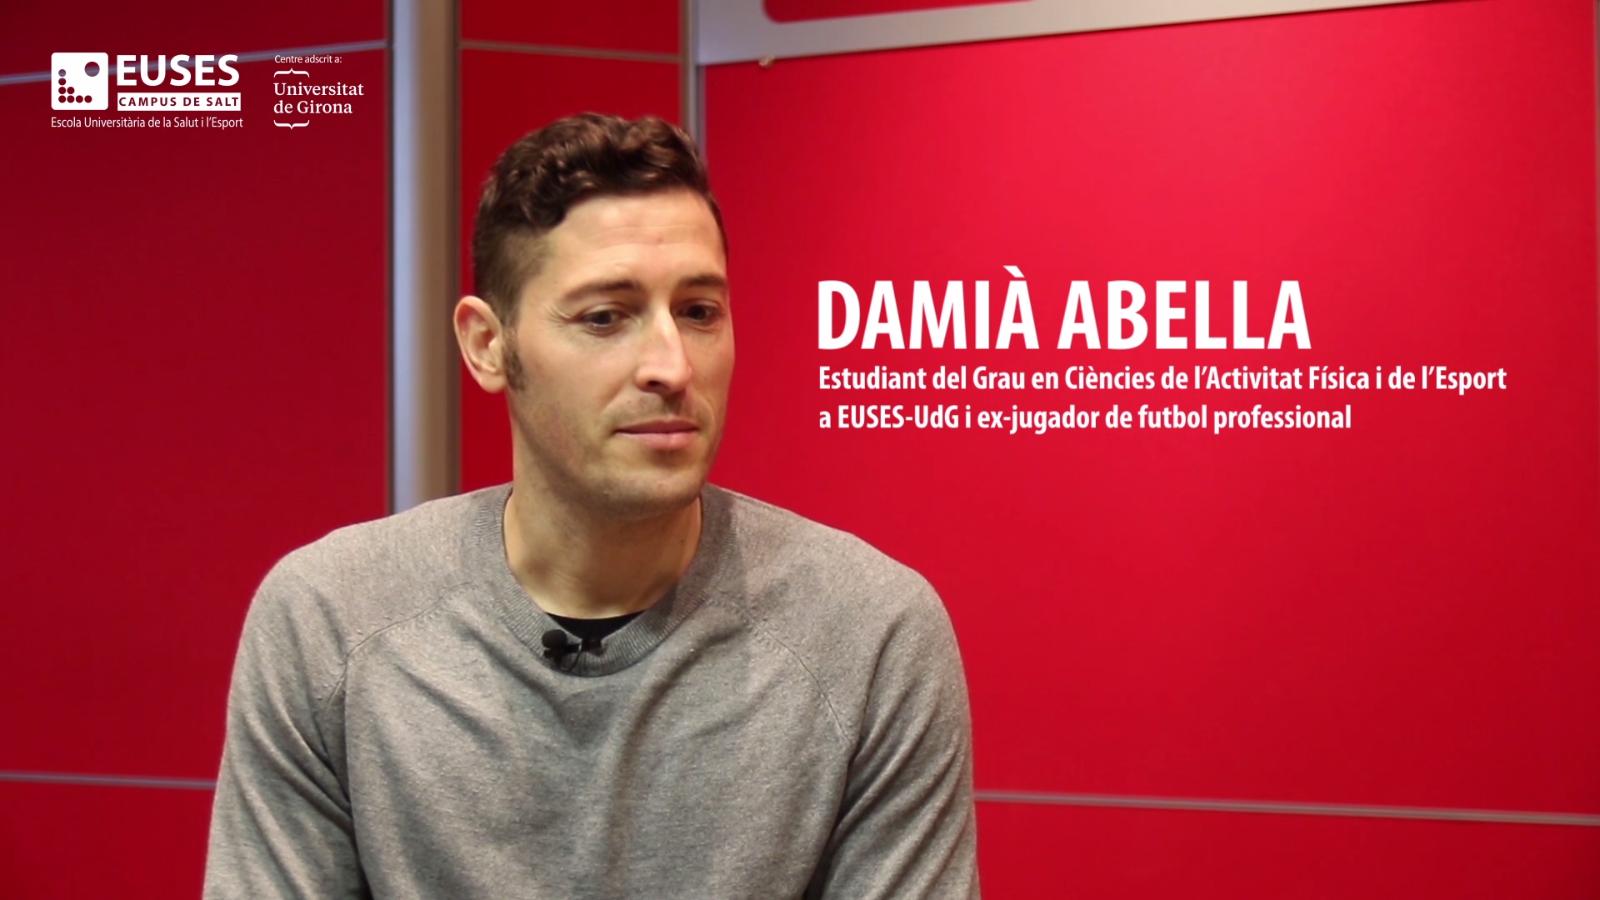 Damià Abella, un exemple d'esportista d'alt nivell que actualment s'està formant a EUSES-UdG, la Universitat de la Salut i l'Esport